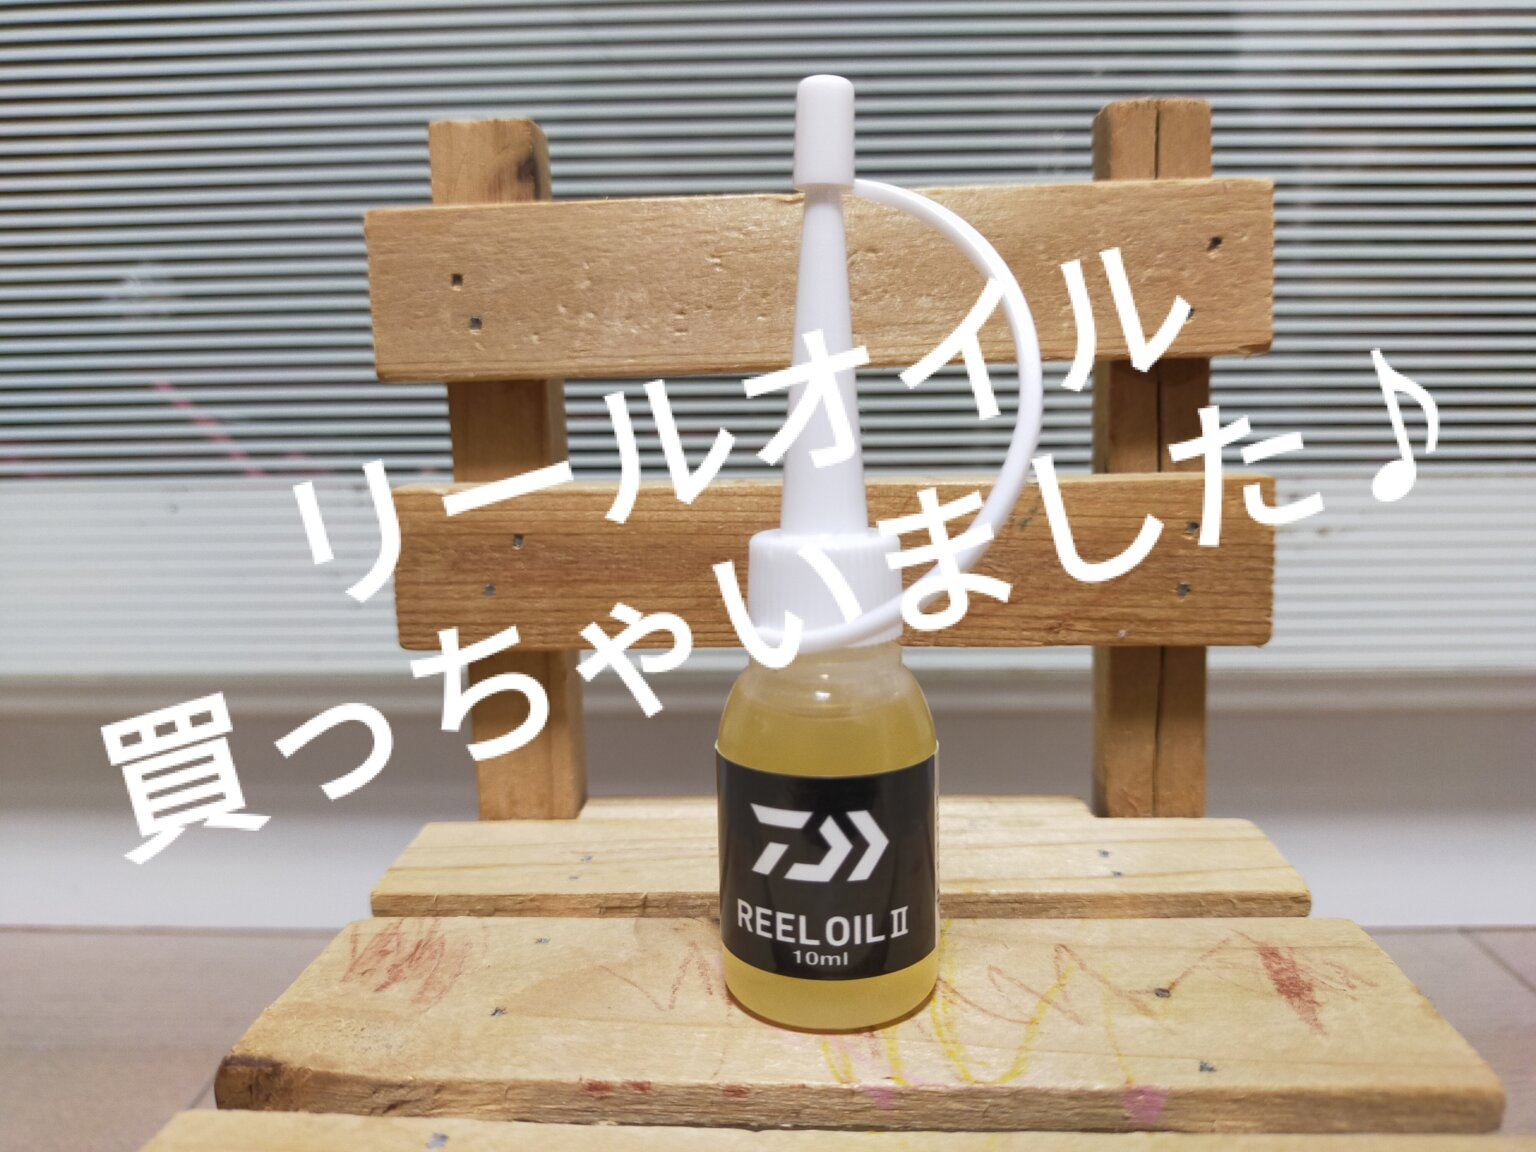 【メンテナンス】コレで十分!激安のリールオイルを購入!「ダイワのリールオイル」が使いやすい!!